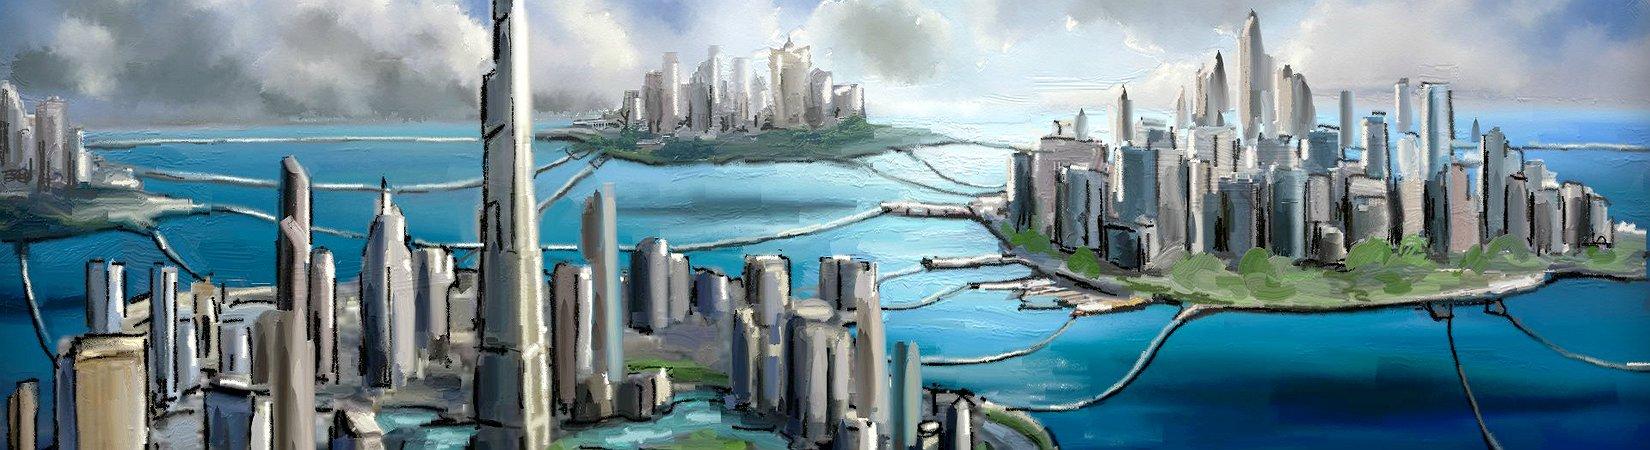 Умное будущее: Как строятся города на блокчейне.